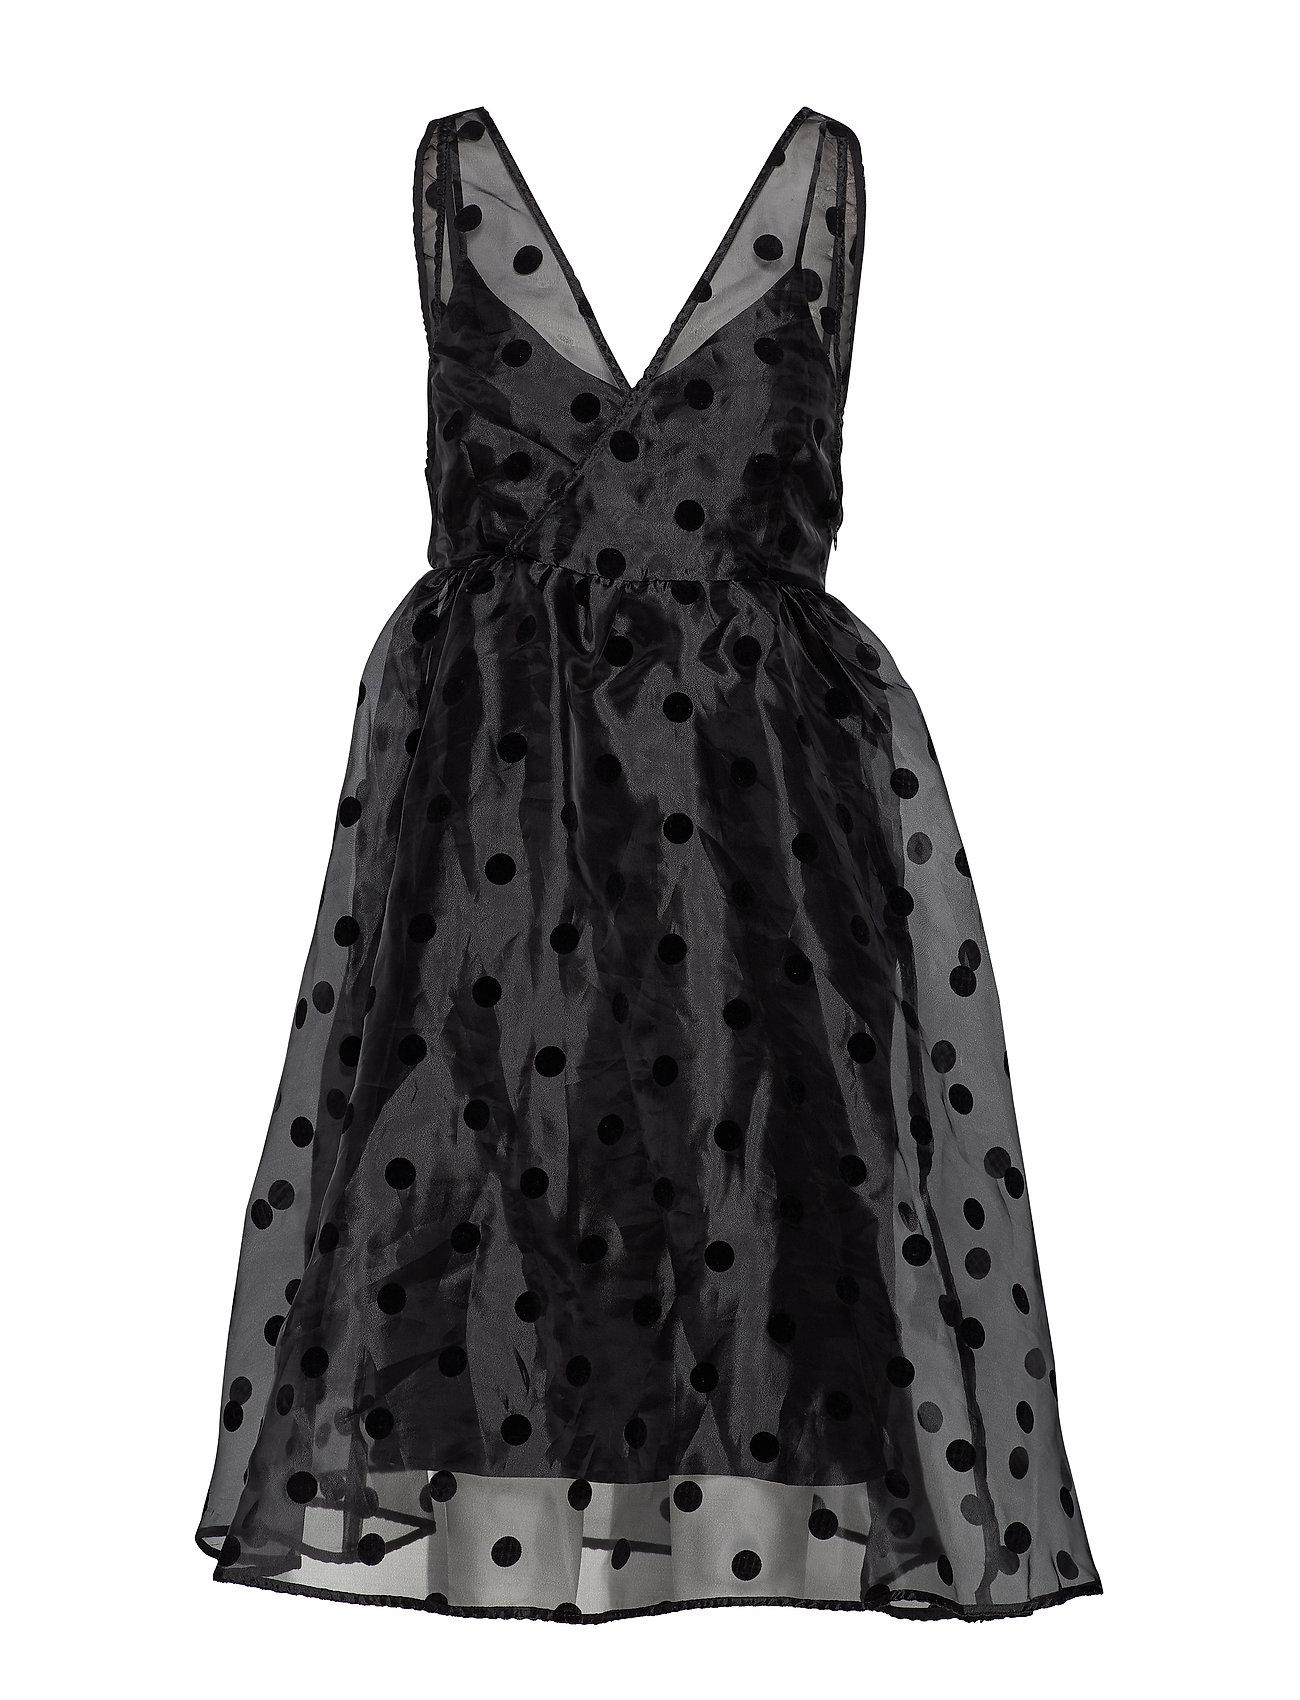 YAS YASOLIVIA SPENCER DRESS - SHOW - BLACK